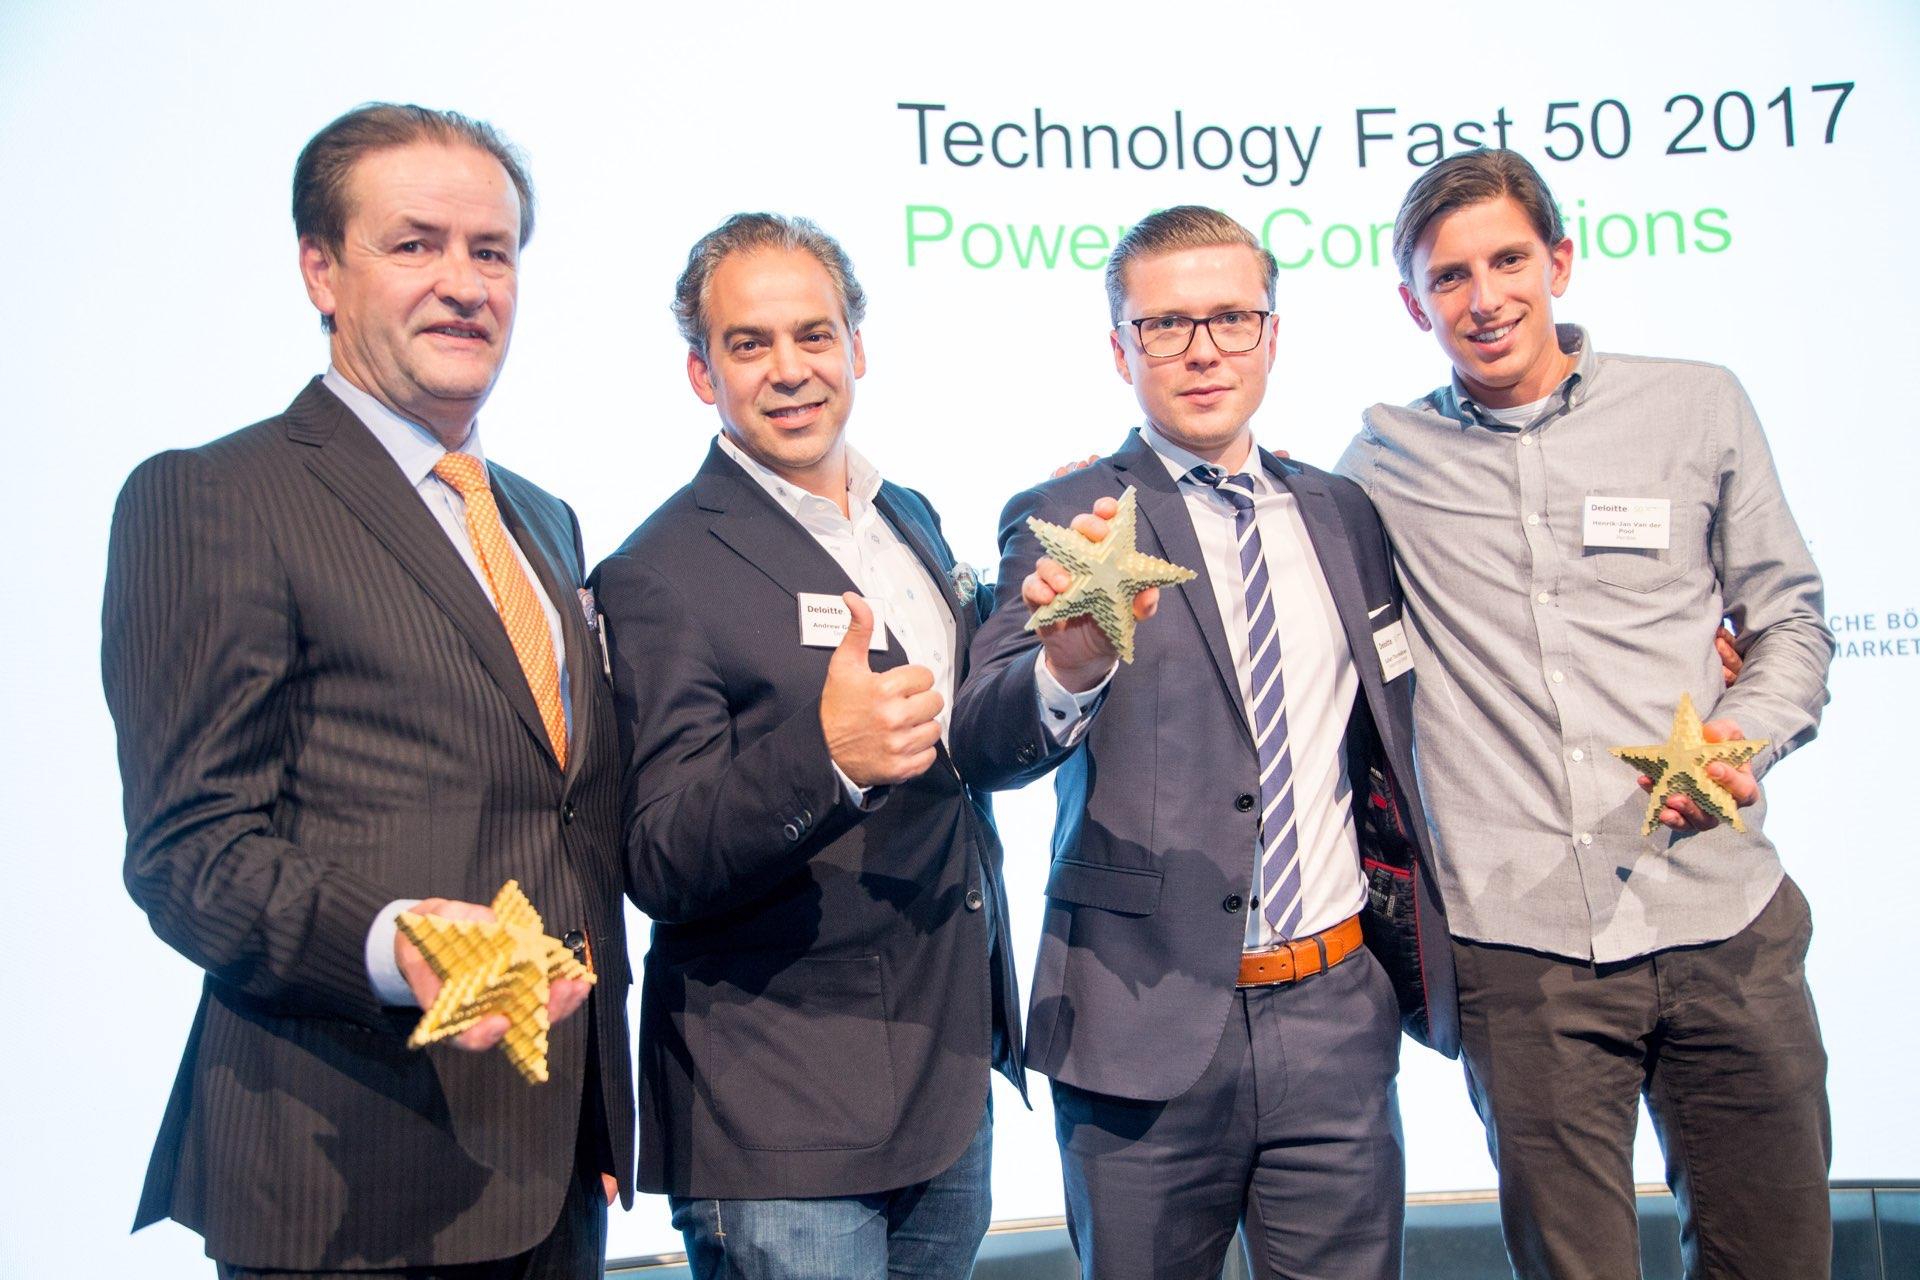 Die Preisträger des Rising Star Awards 2017 - v.l.n.r.: Ralf Rieken (Uniscon), Andrew Goldstein (Deloitte), Julian Thormählen (Tradeconthor), Henrik-Jan van der Pol (Perdoo)